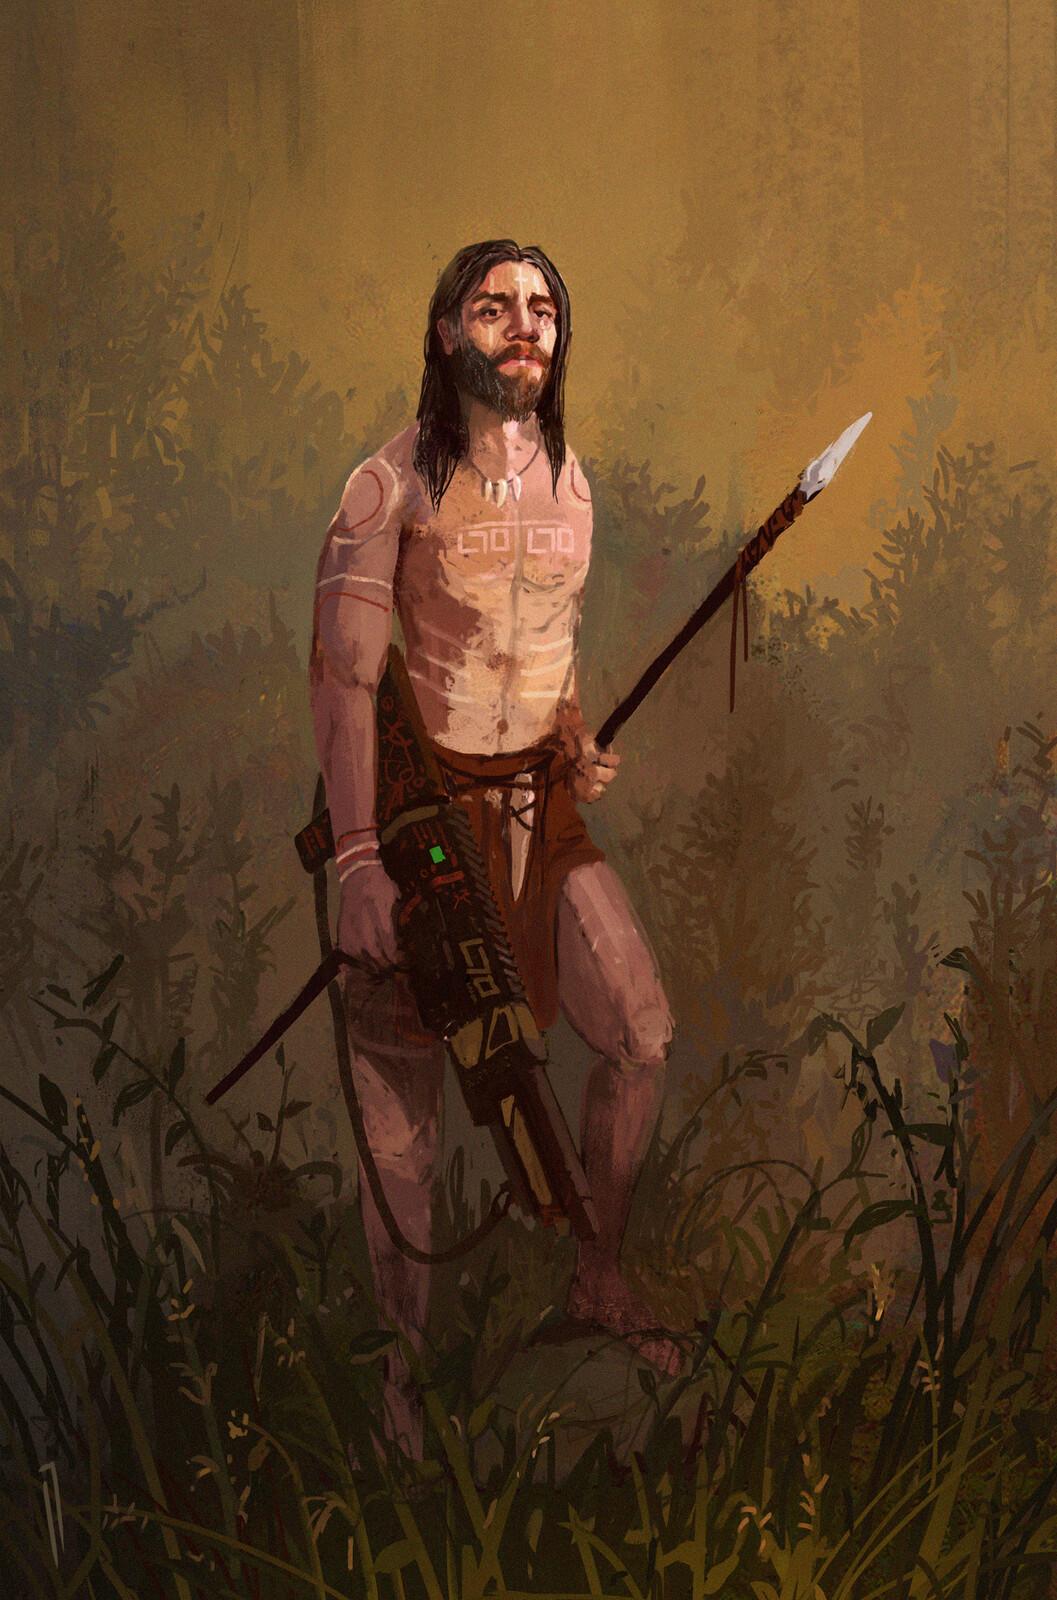 AK47 BC